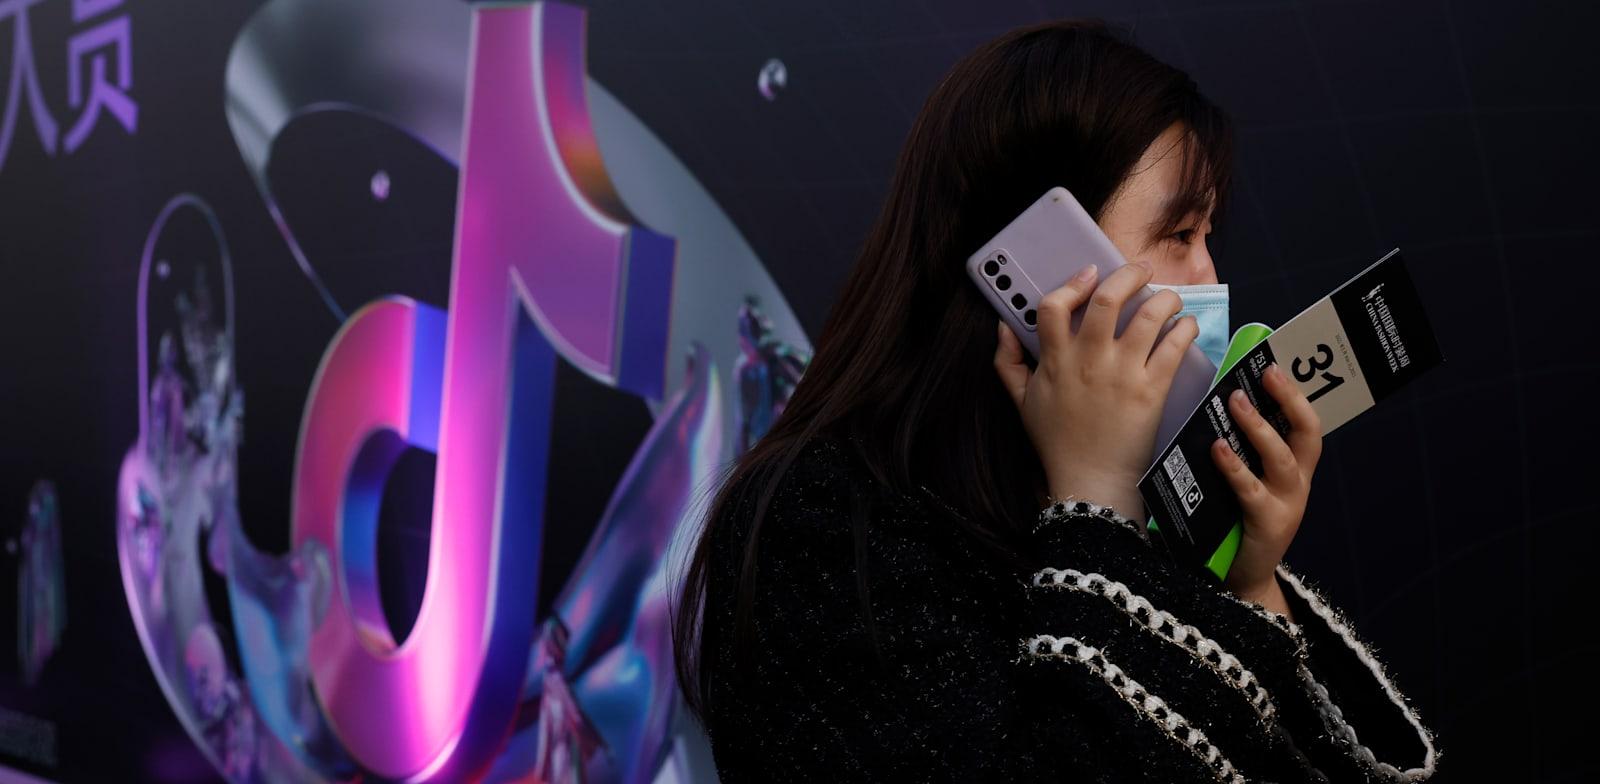 אישה משוחחת בטלפון ברחובות בייג'ינג / צילום: Associated Press, Ng Han Guan